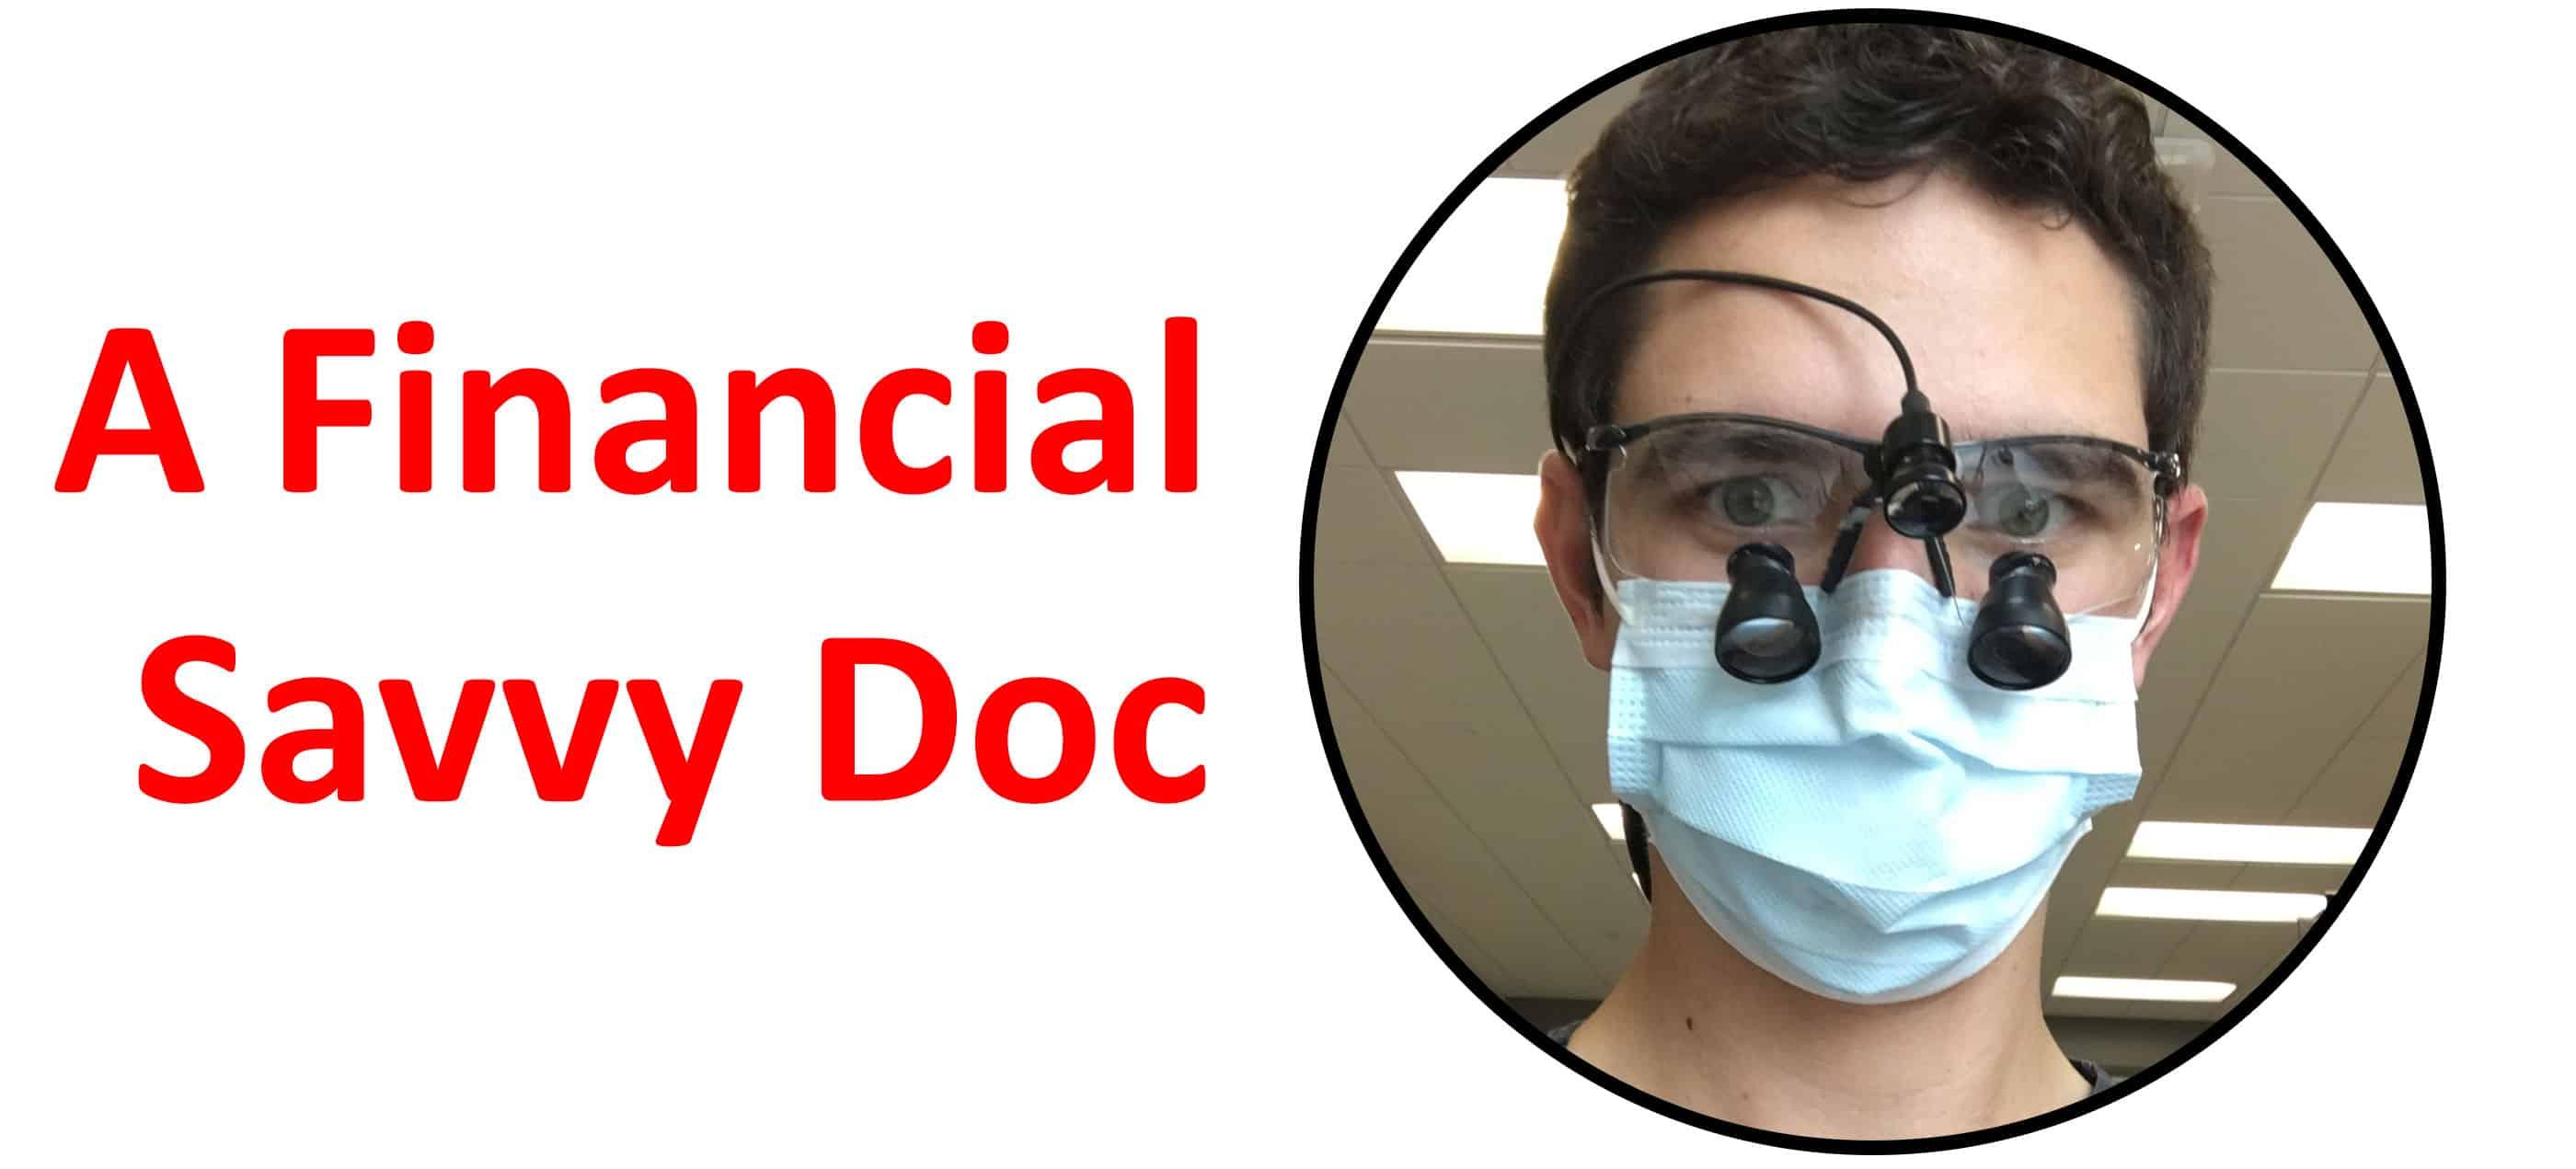 Matt from A Financial Savvy Doc